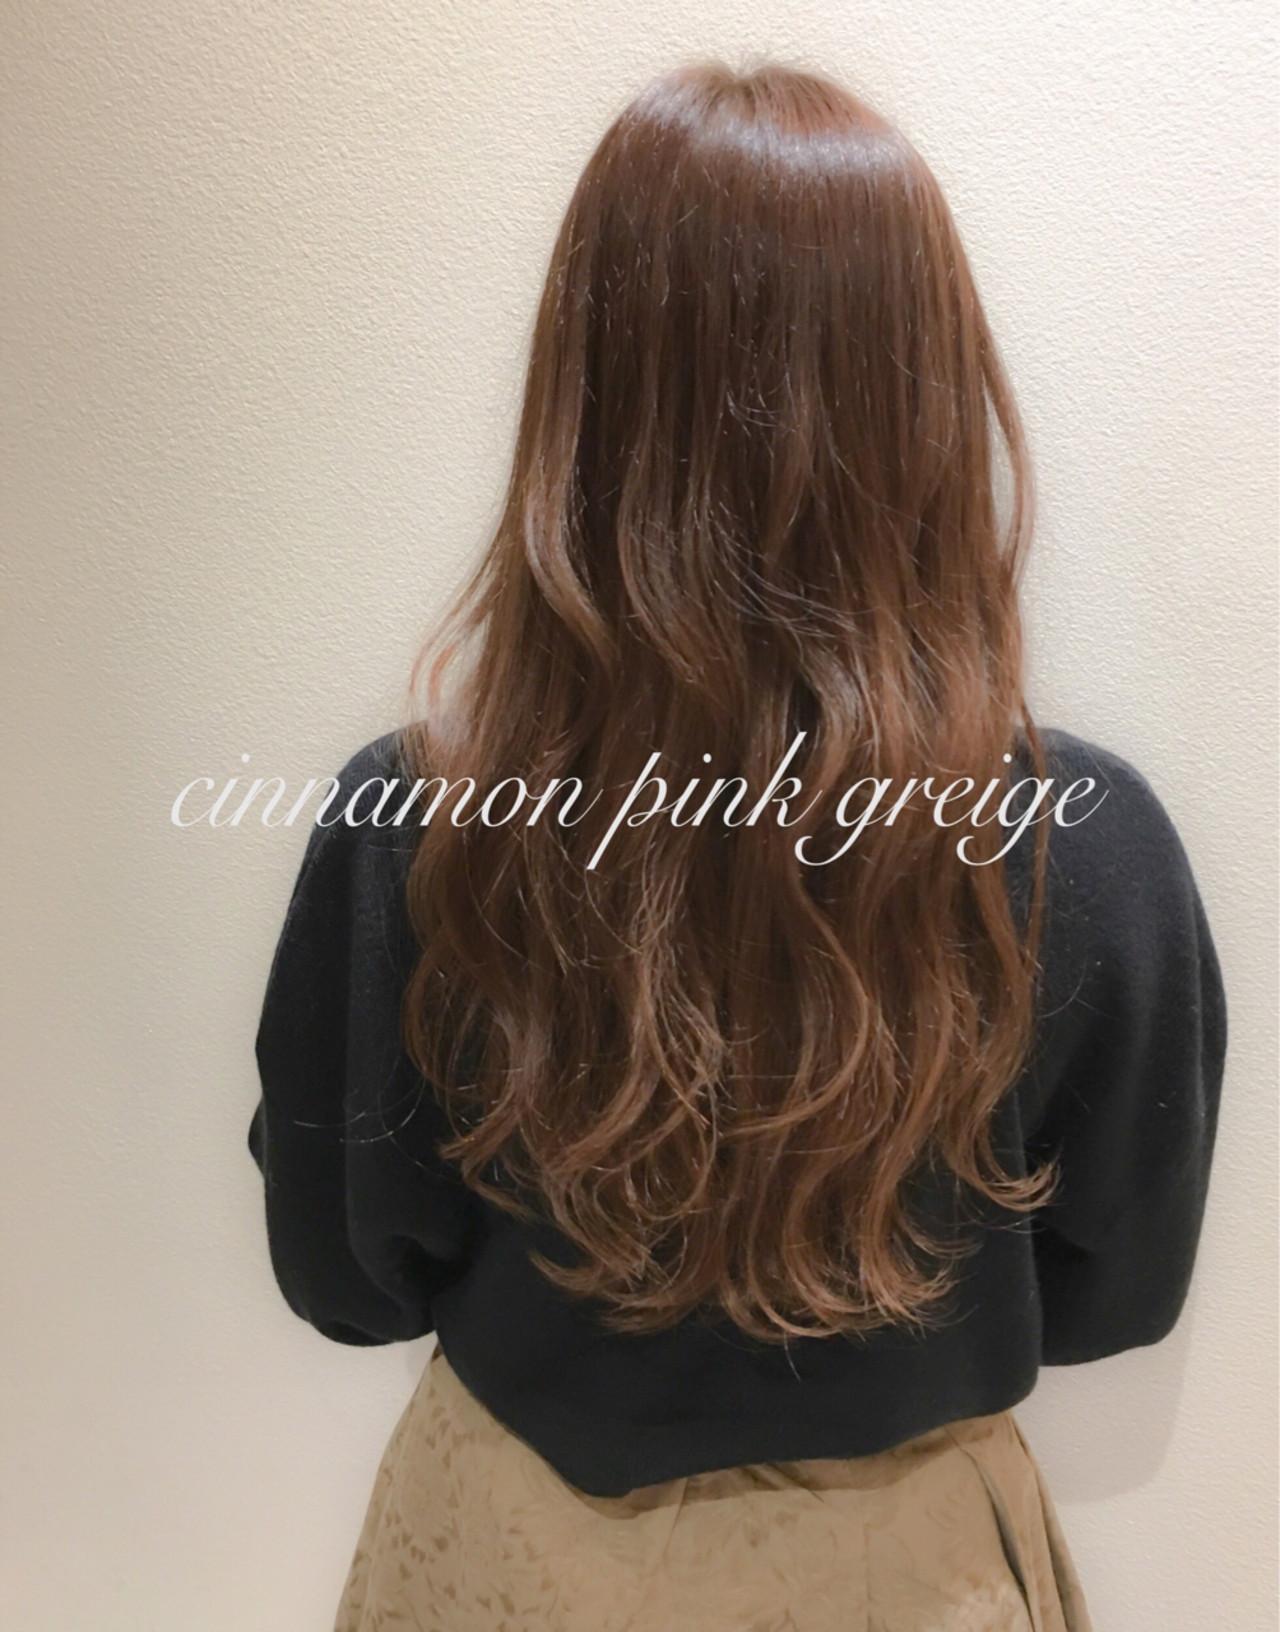 ピンク ピンクアッシュ ロング グレージュヘアスタイルや髪型の写真・画像